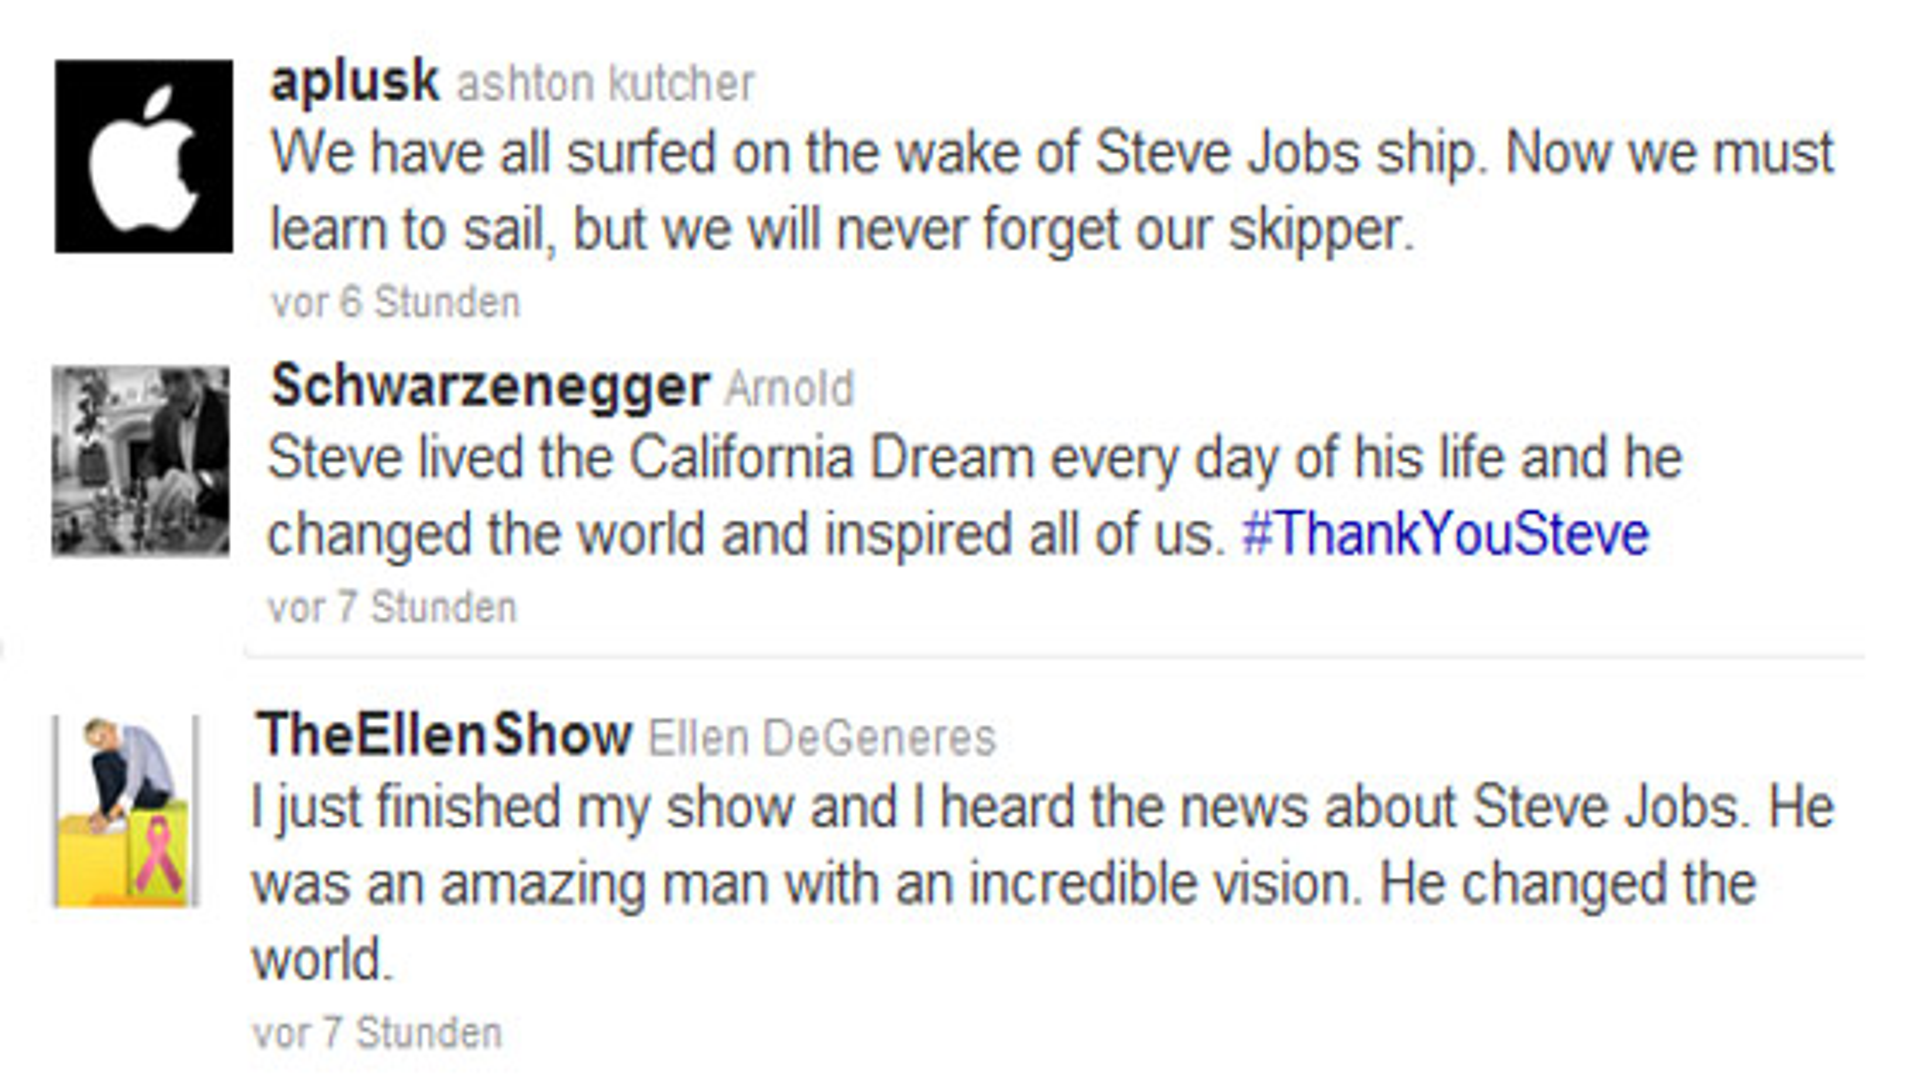 Stars-Twitter-Steve-Jobs-tot